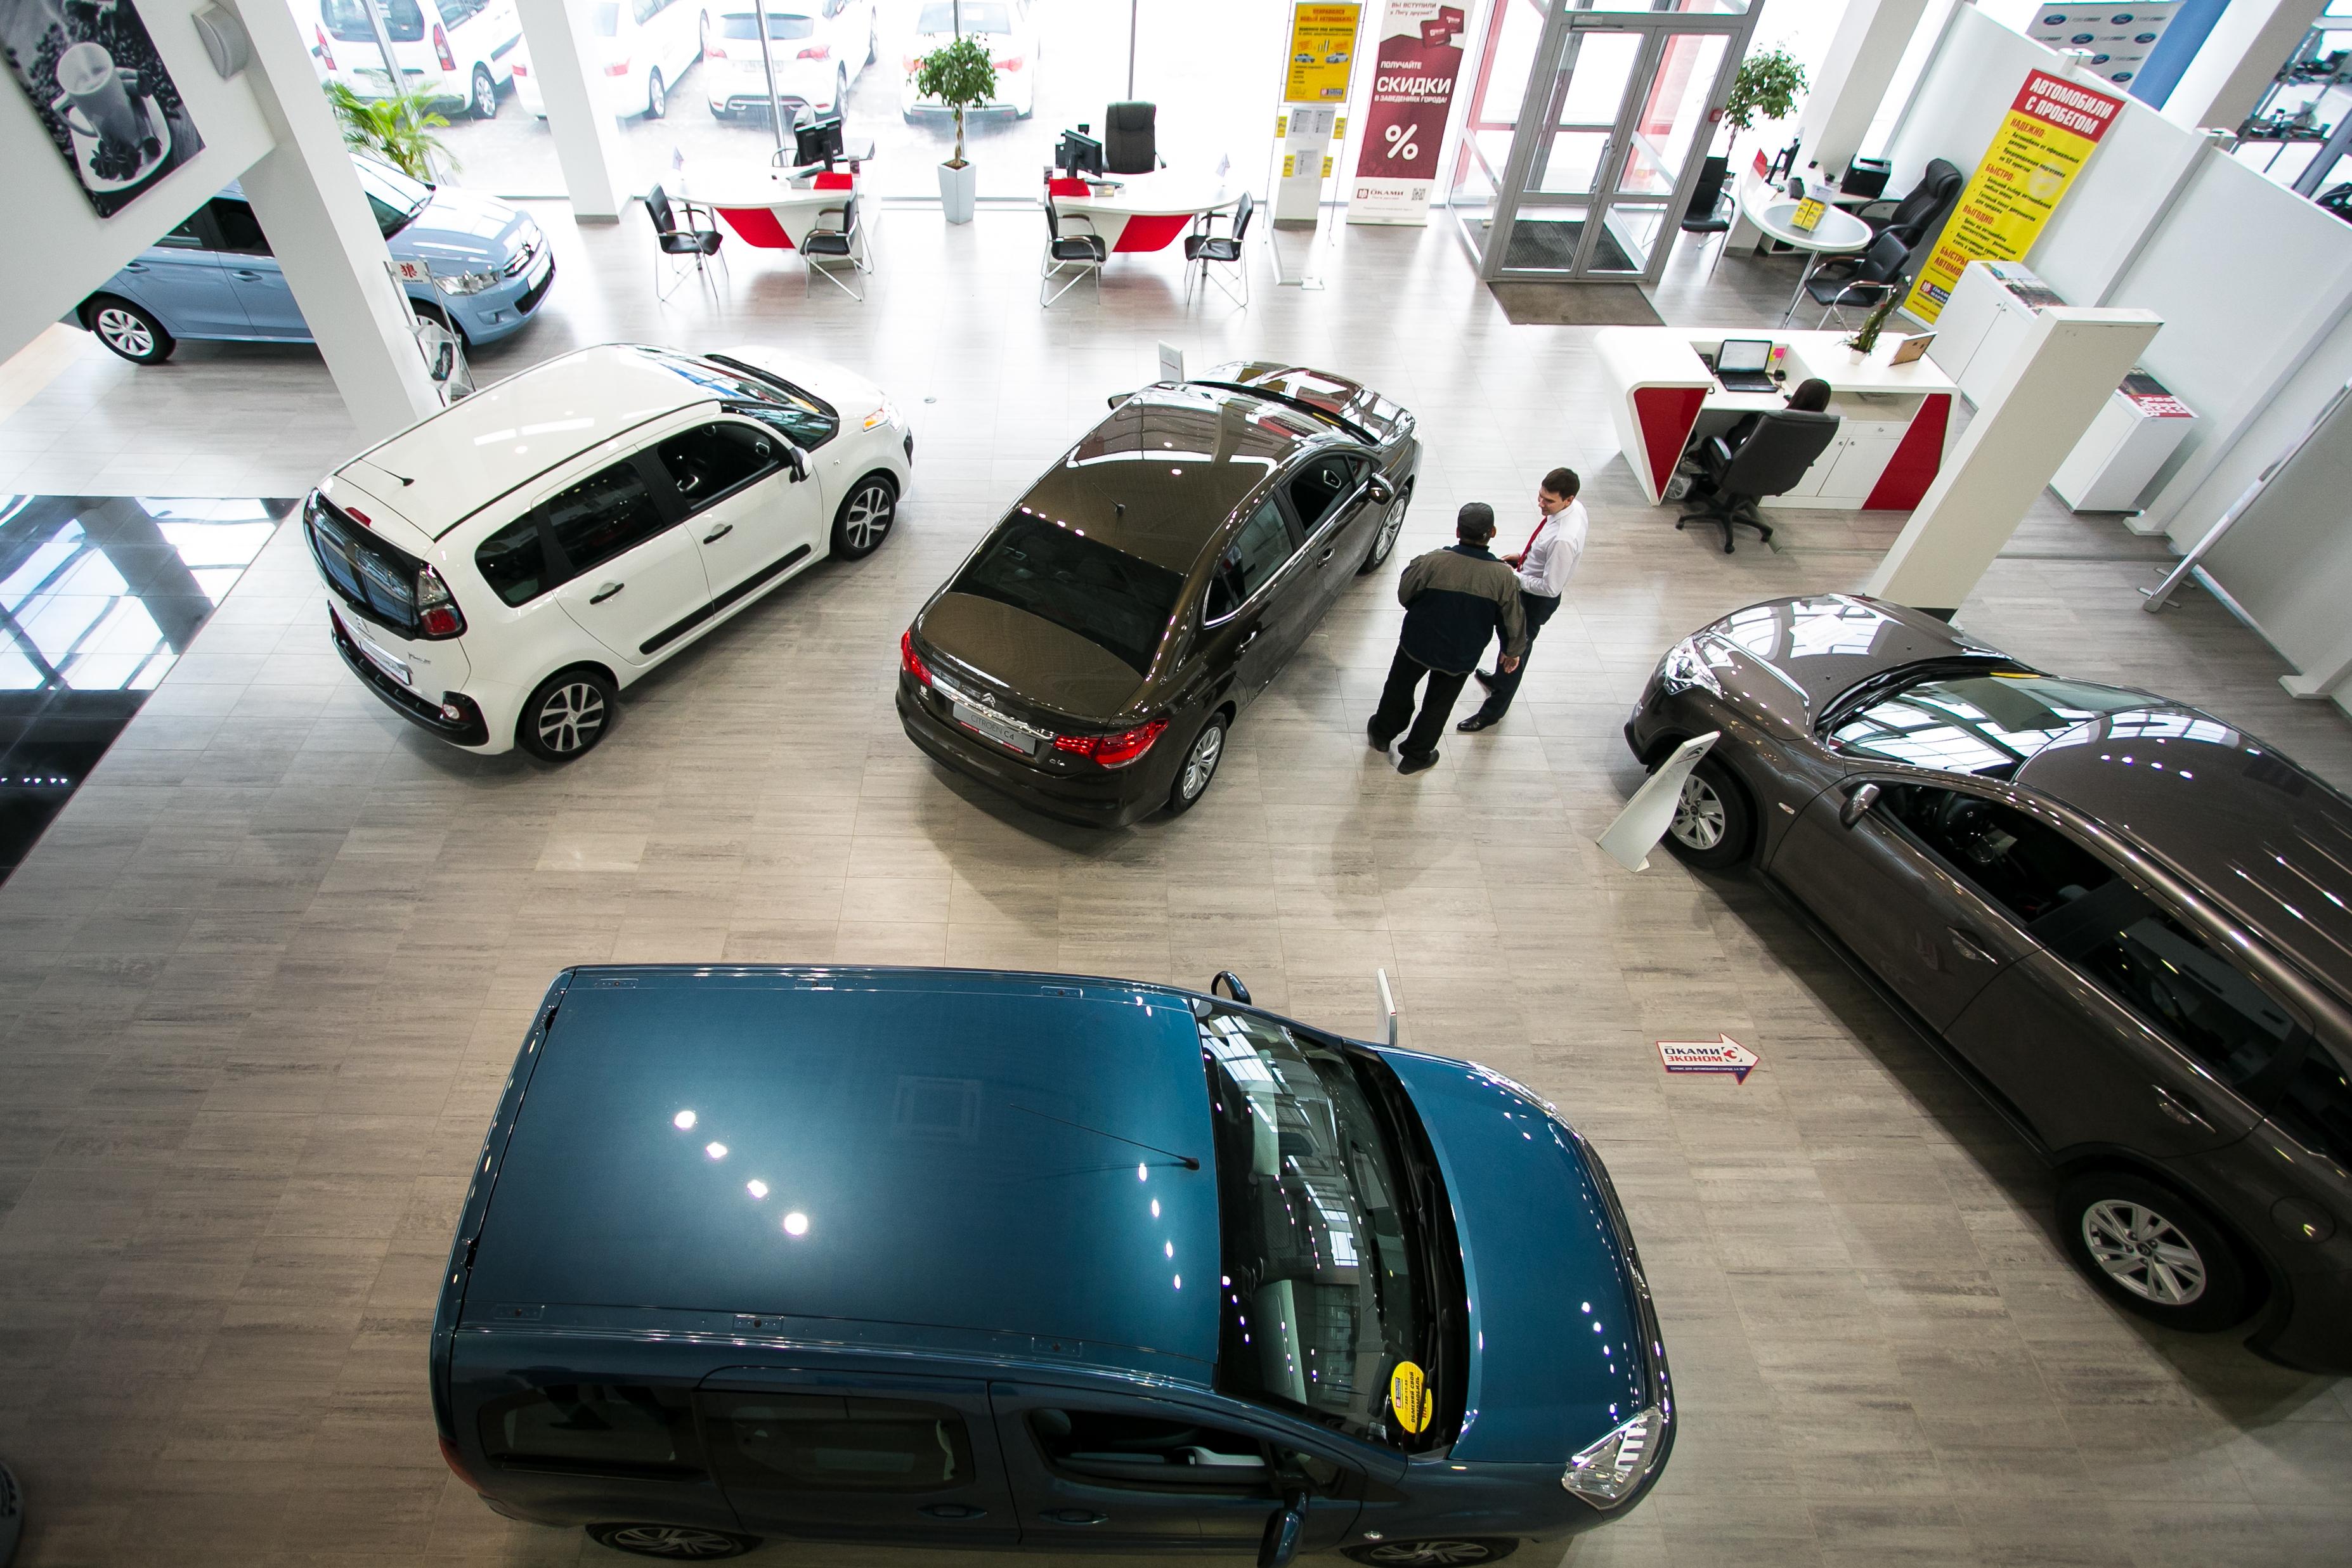 Спасительный утиль: продажи автомобилей в Екатеринбурге ожили